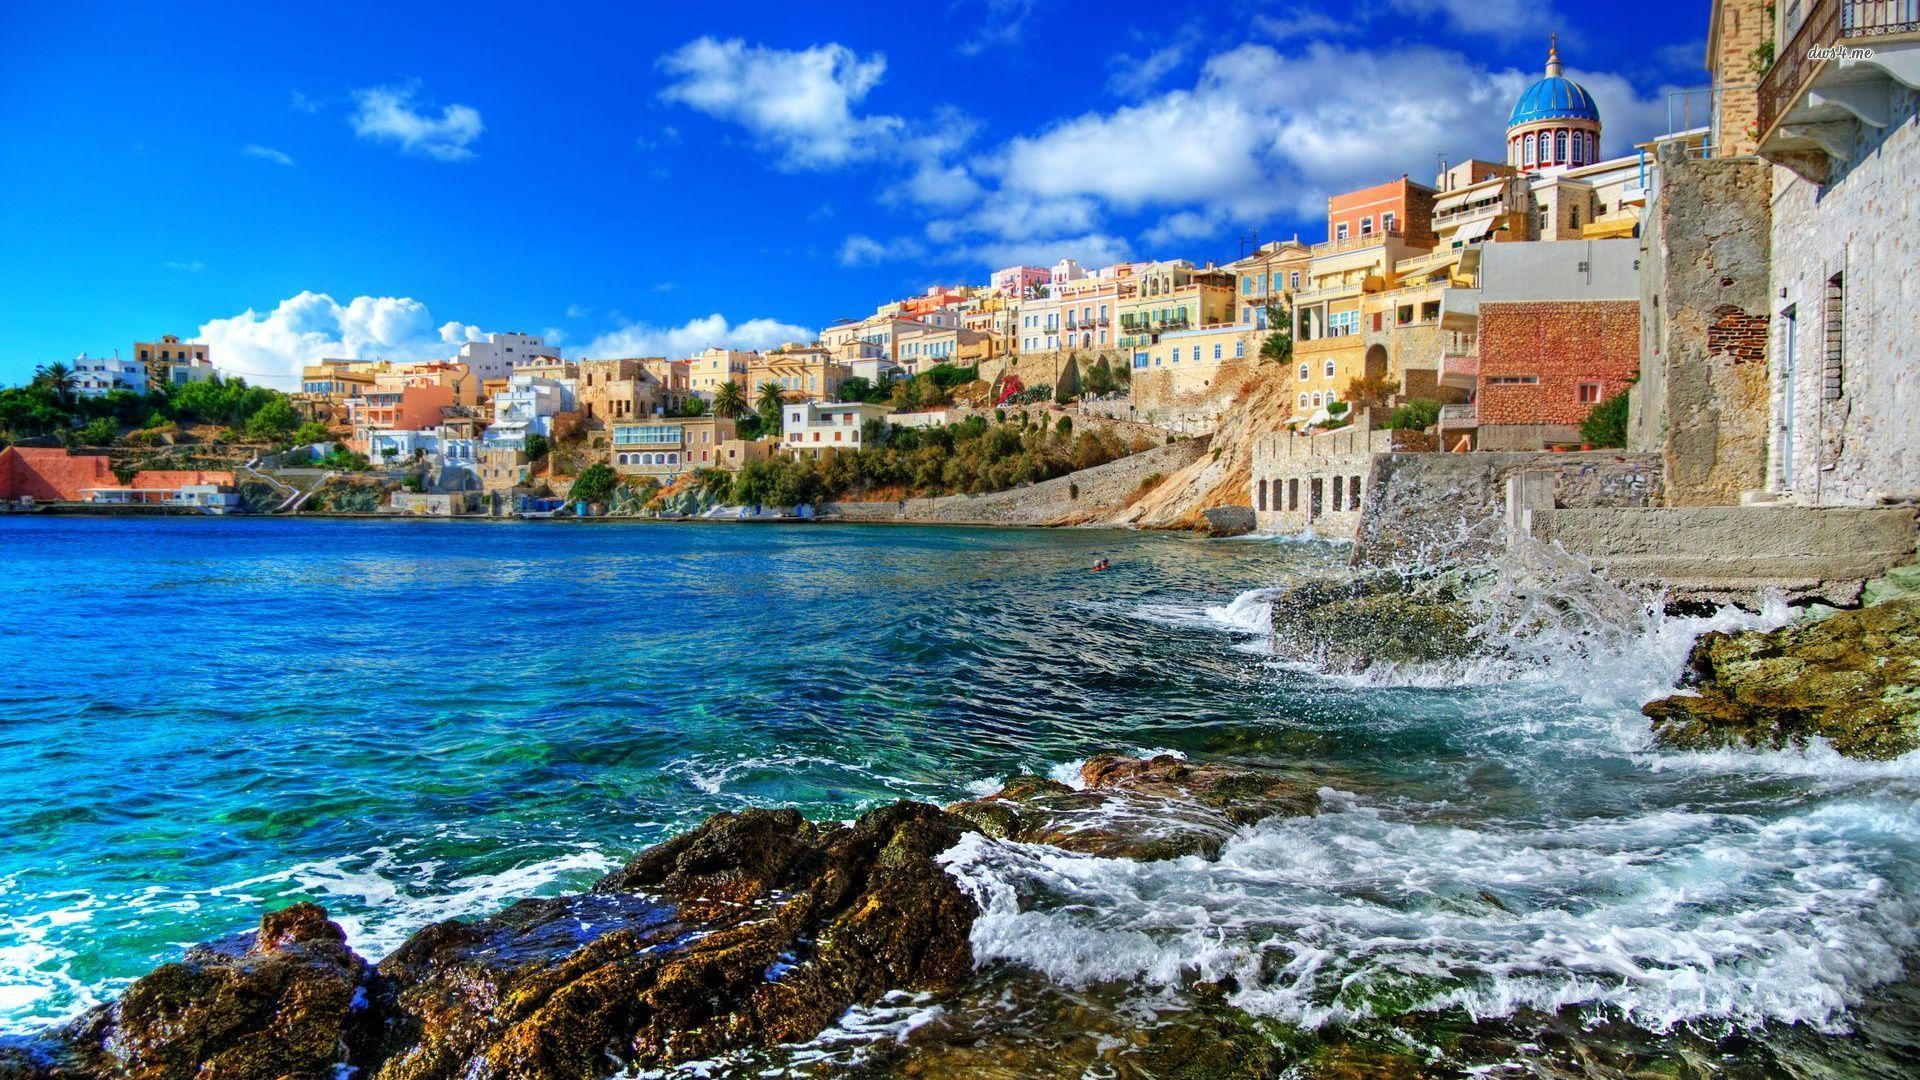 Greece Beach Wallpaper: Screensavers And Wallpaper Greece